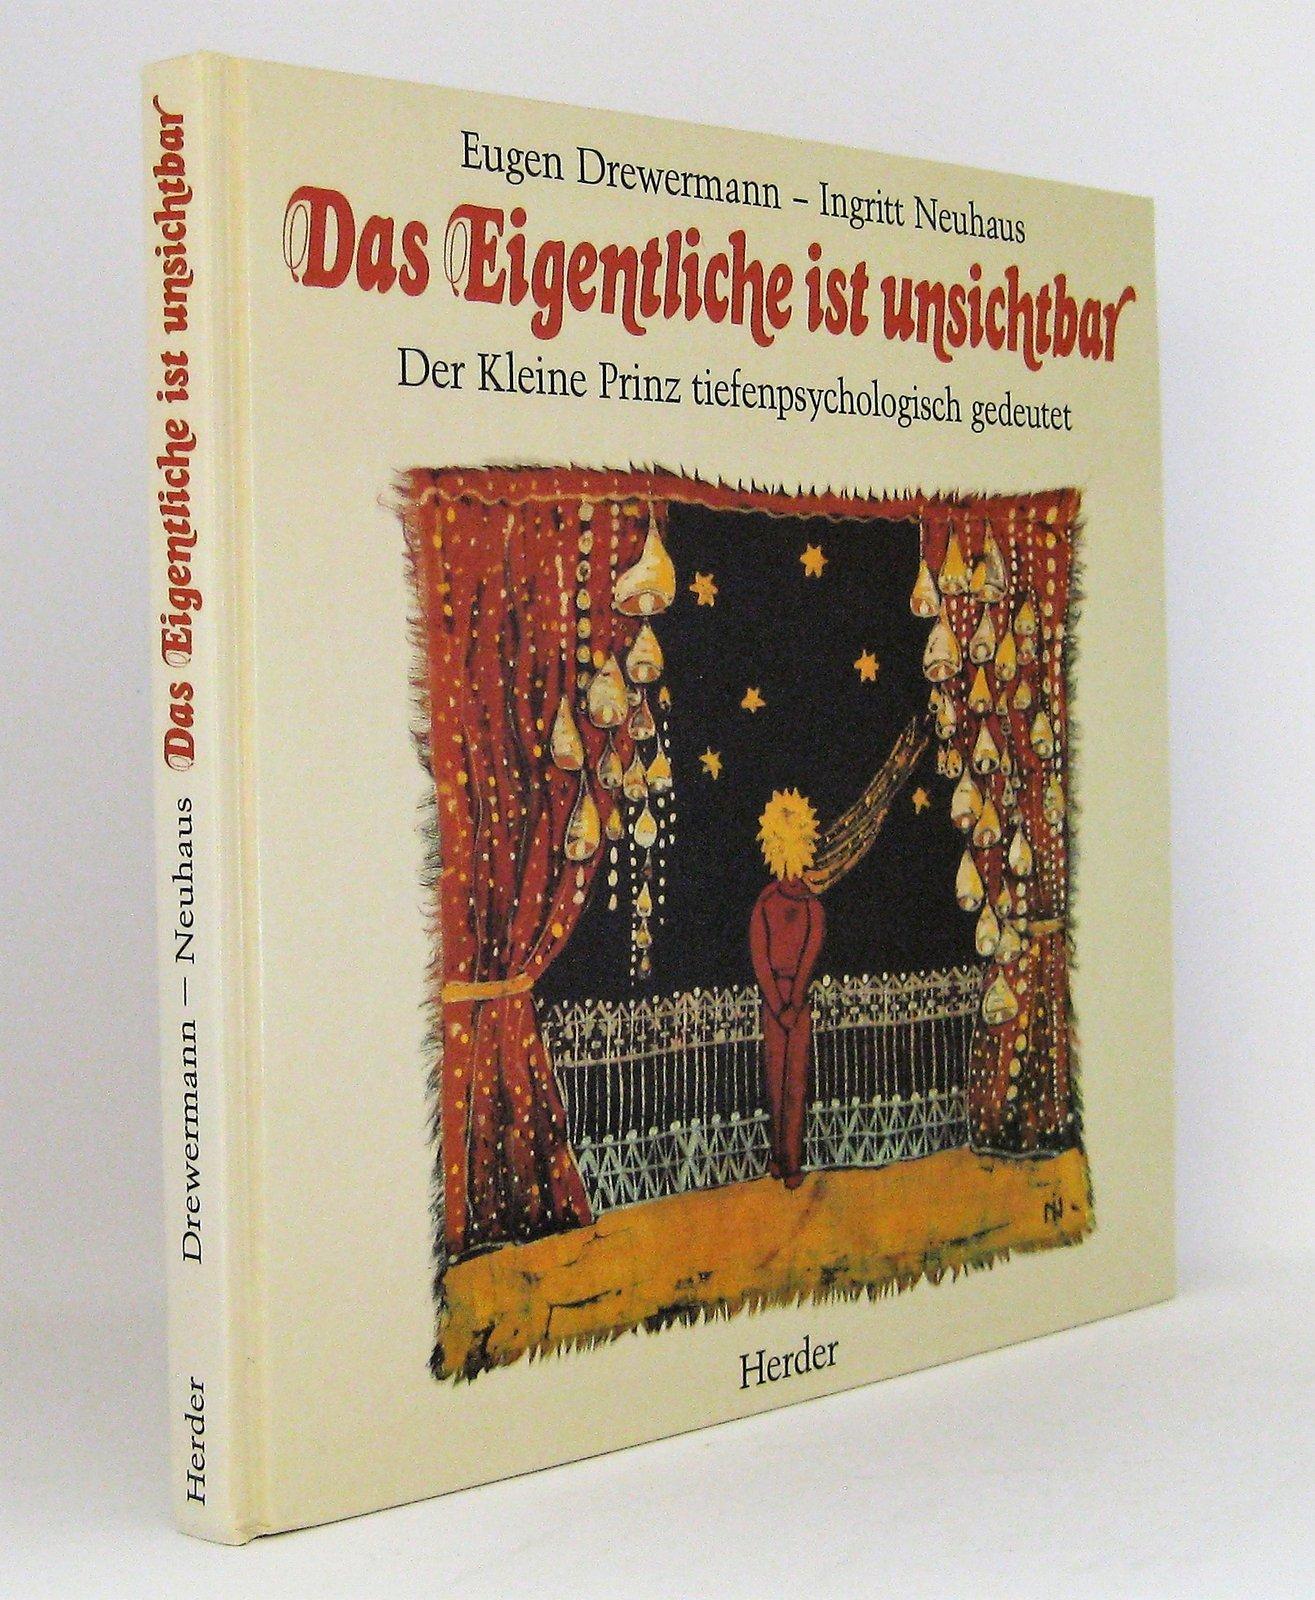 Das Eigentliche ist unsichtbar : Der Kleine Prinz tiefenpsychologisch gedeutet - Drewermann, Eugen Neuhaus, Ingritt [Illustrationen]